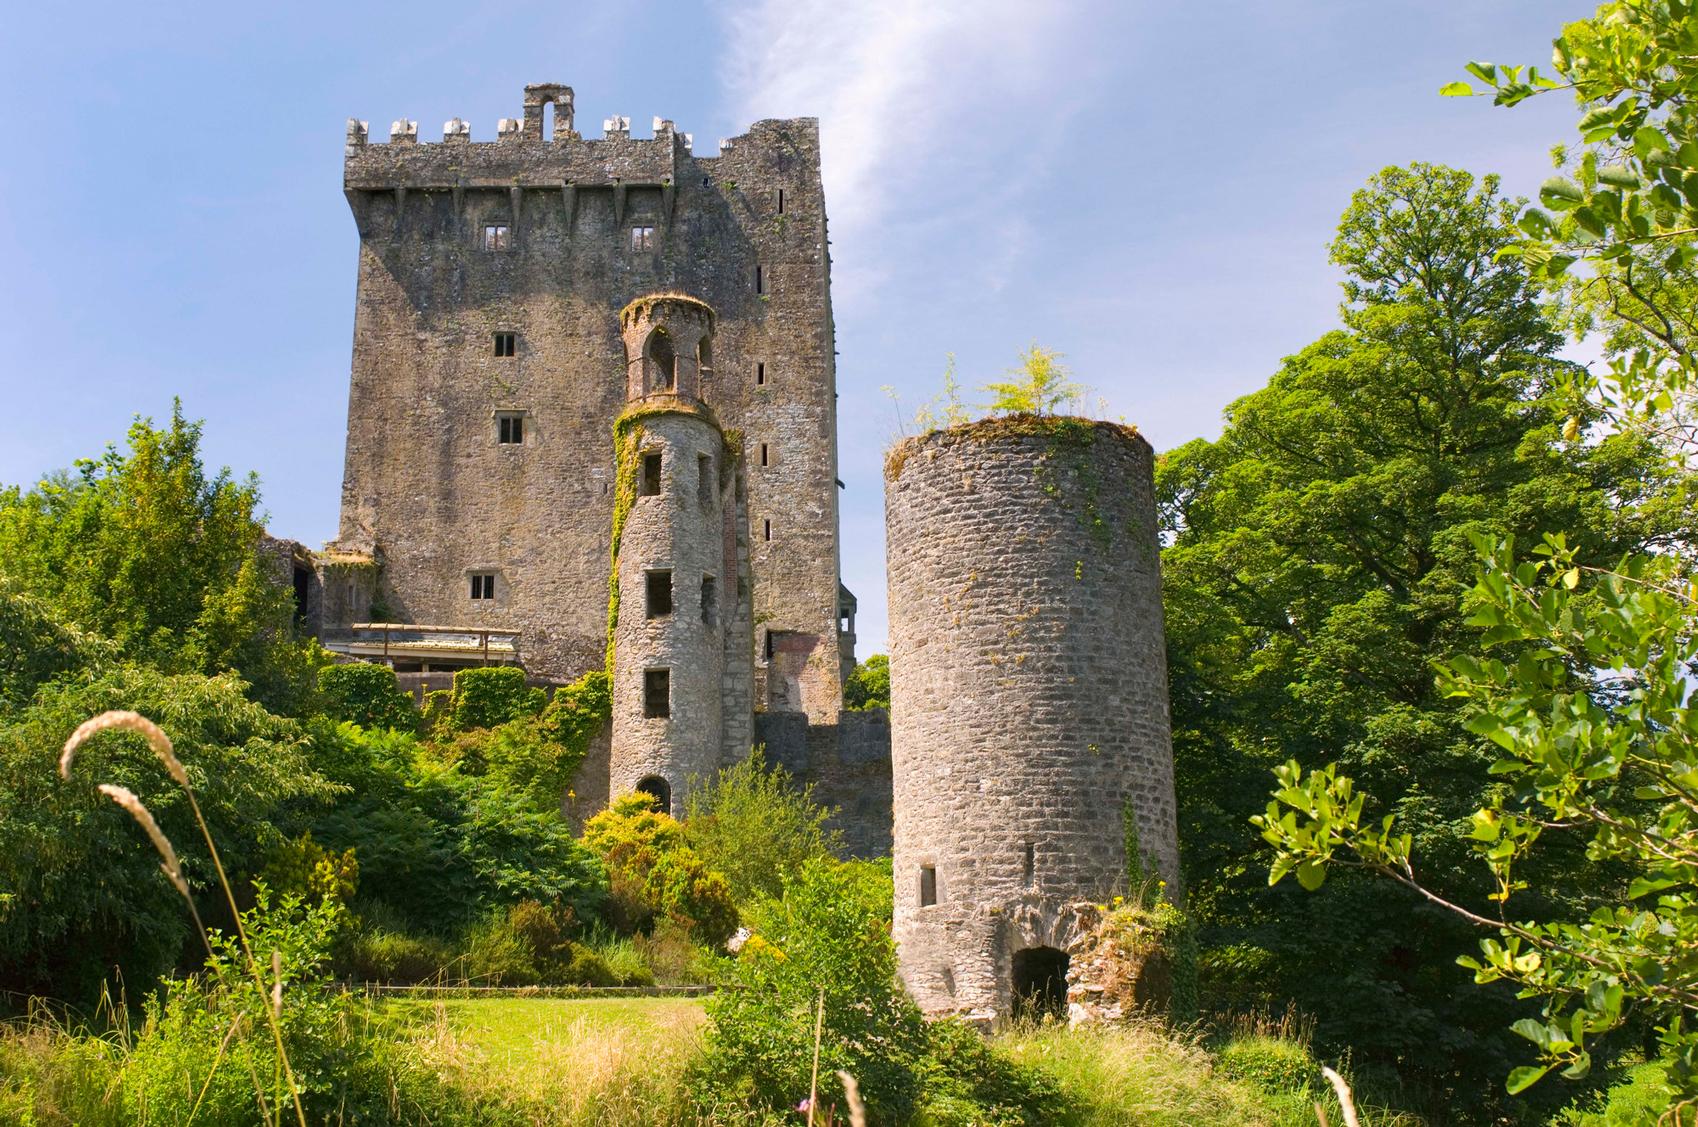 Ireland photos RS10668_Ireland-BlarneyCastle-88306706-lp-Laura-Ciapponi